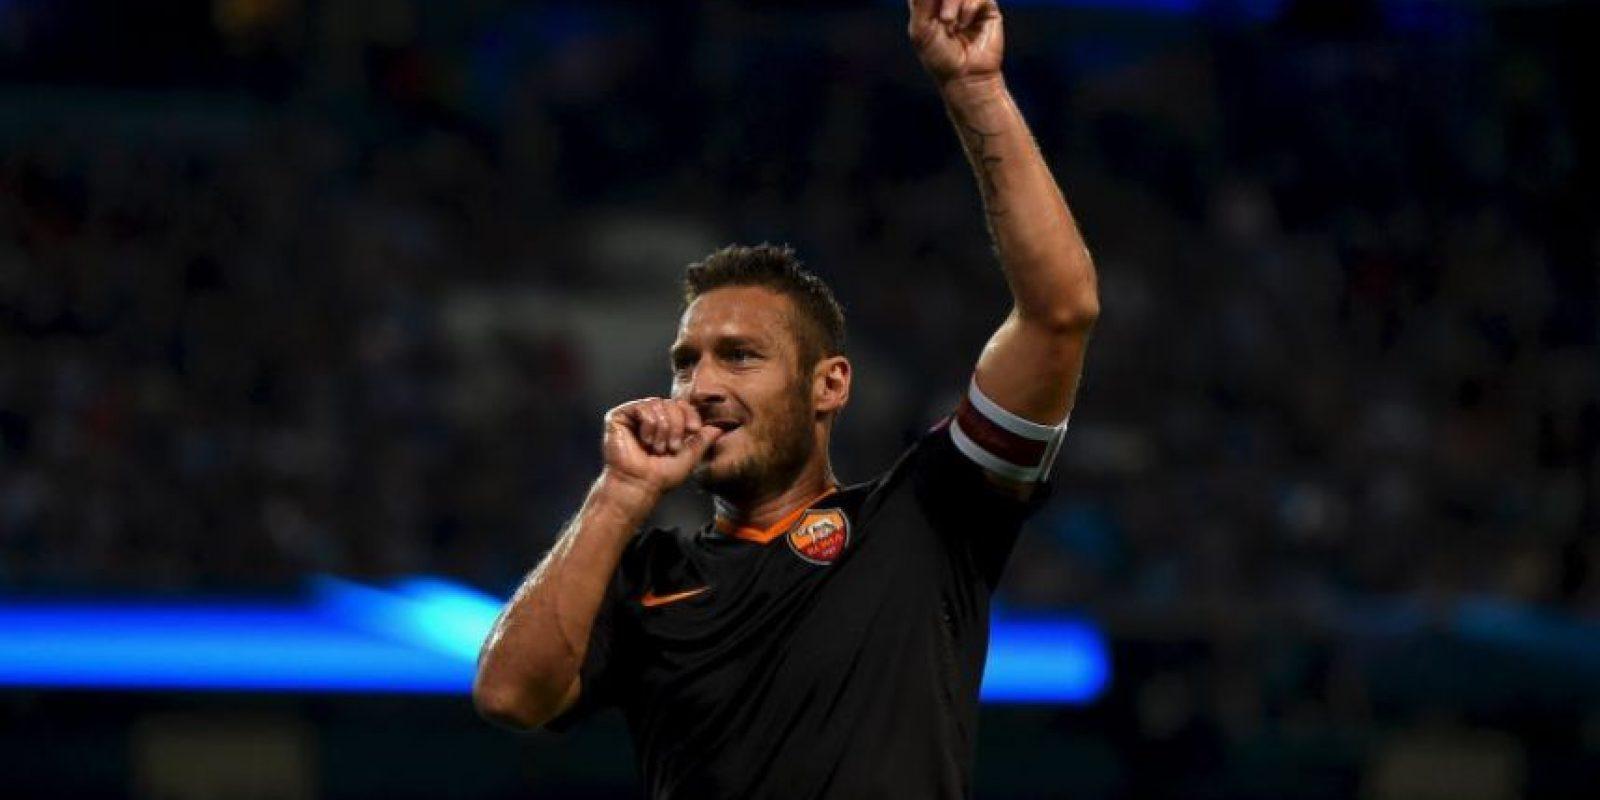 Francesco Totti tiene a su haber otro récord. Además de los que suma con la Roma, Il Capitano es el jugador más viejo que ha anotado en Champions League por su tanto anotado ante el CSKA Moscú en la temporada 2014/2015, cuando tenía 38 años y superó la marca de Ryan Giggs. Foto:Getty Images